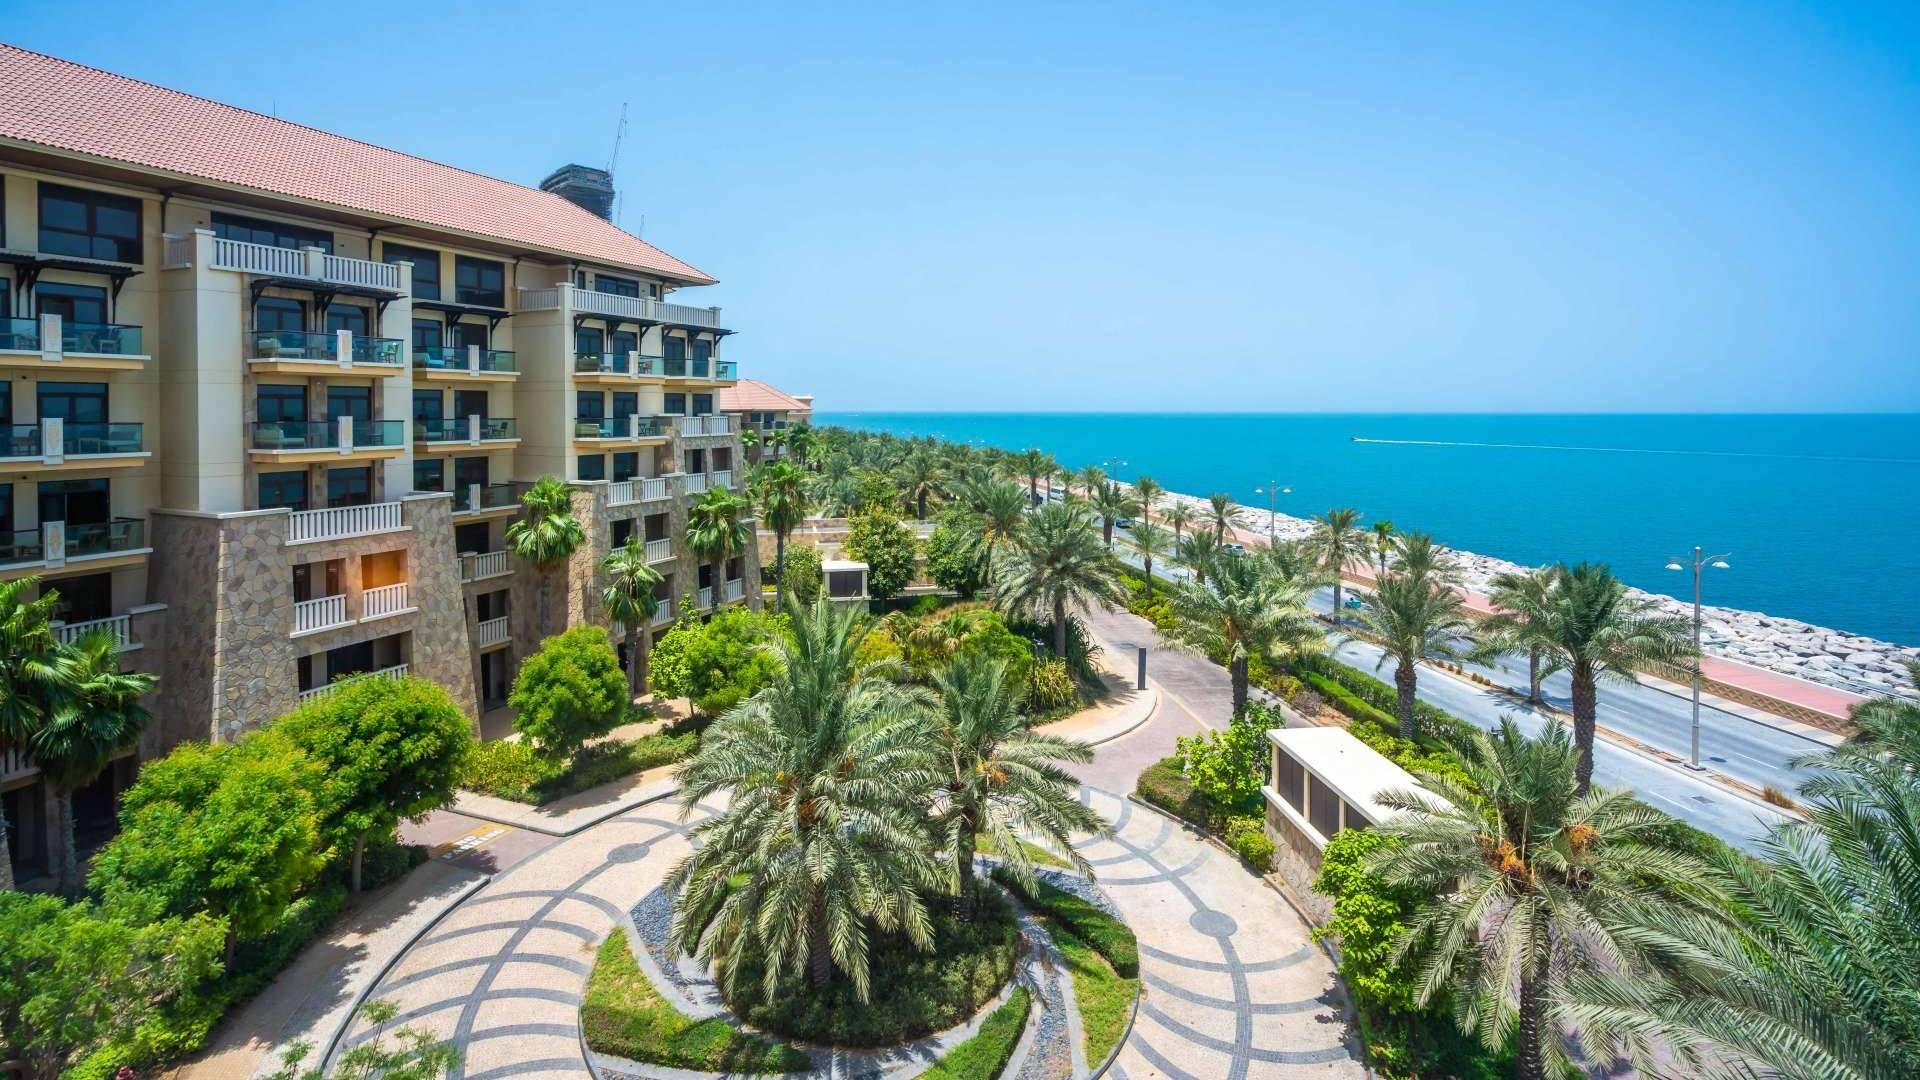 Villa en venta en Dubai, EAU, 5 dormitorios, 650 m2, № 24050 – foto 5